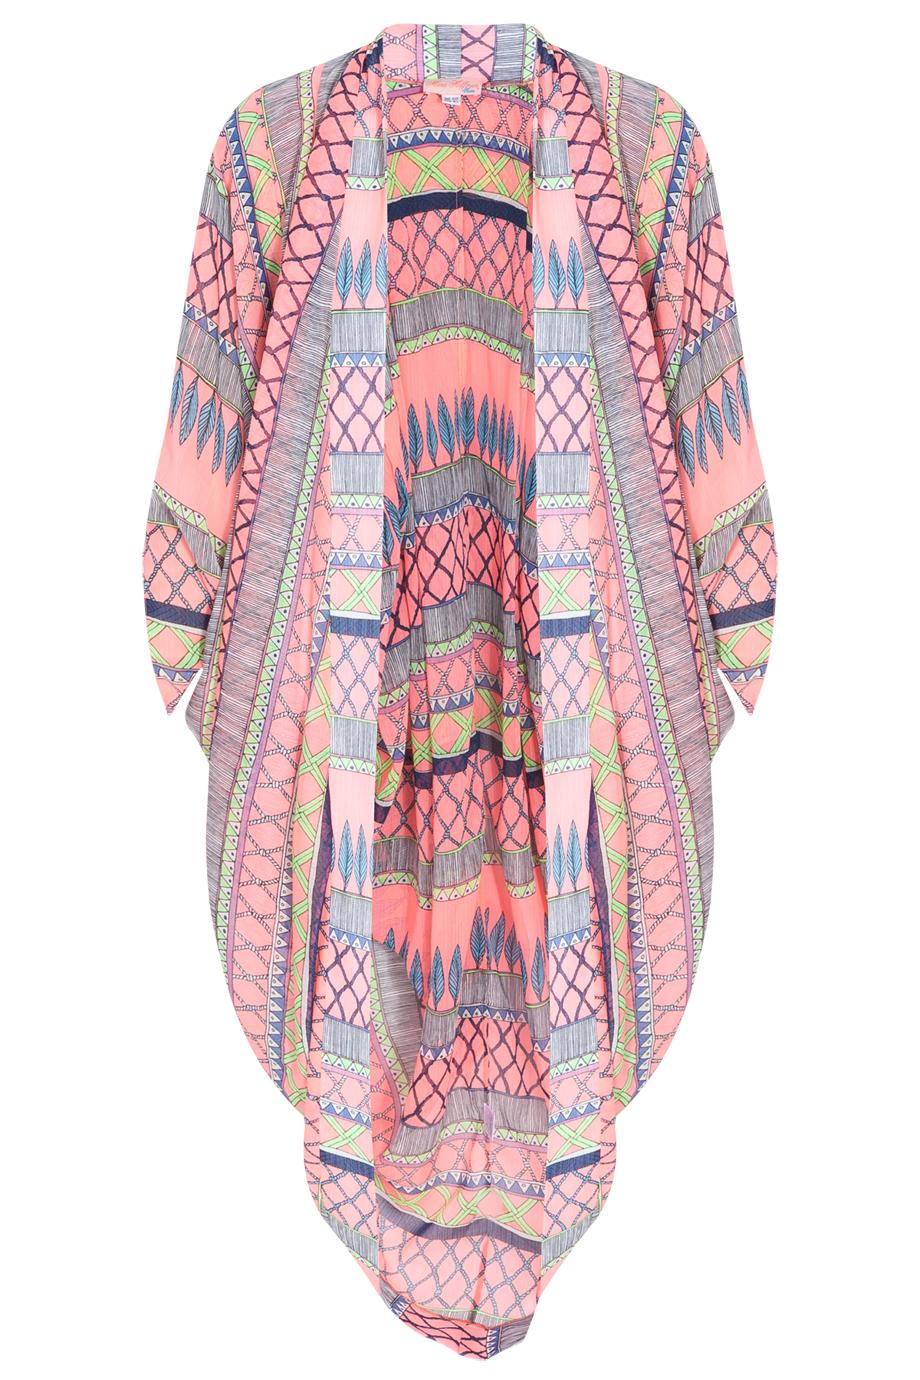 Mara hoffman Frida Chiffon Cocoon Kaftan in Pink   Lyst